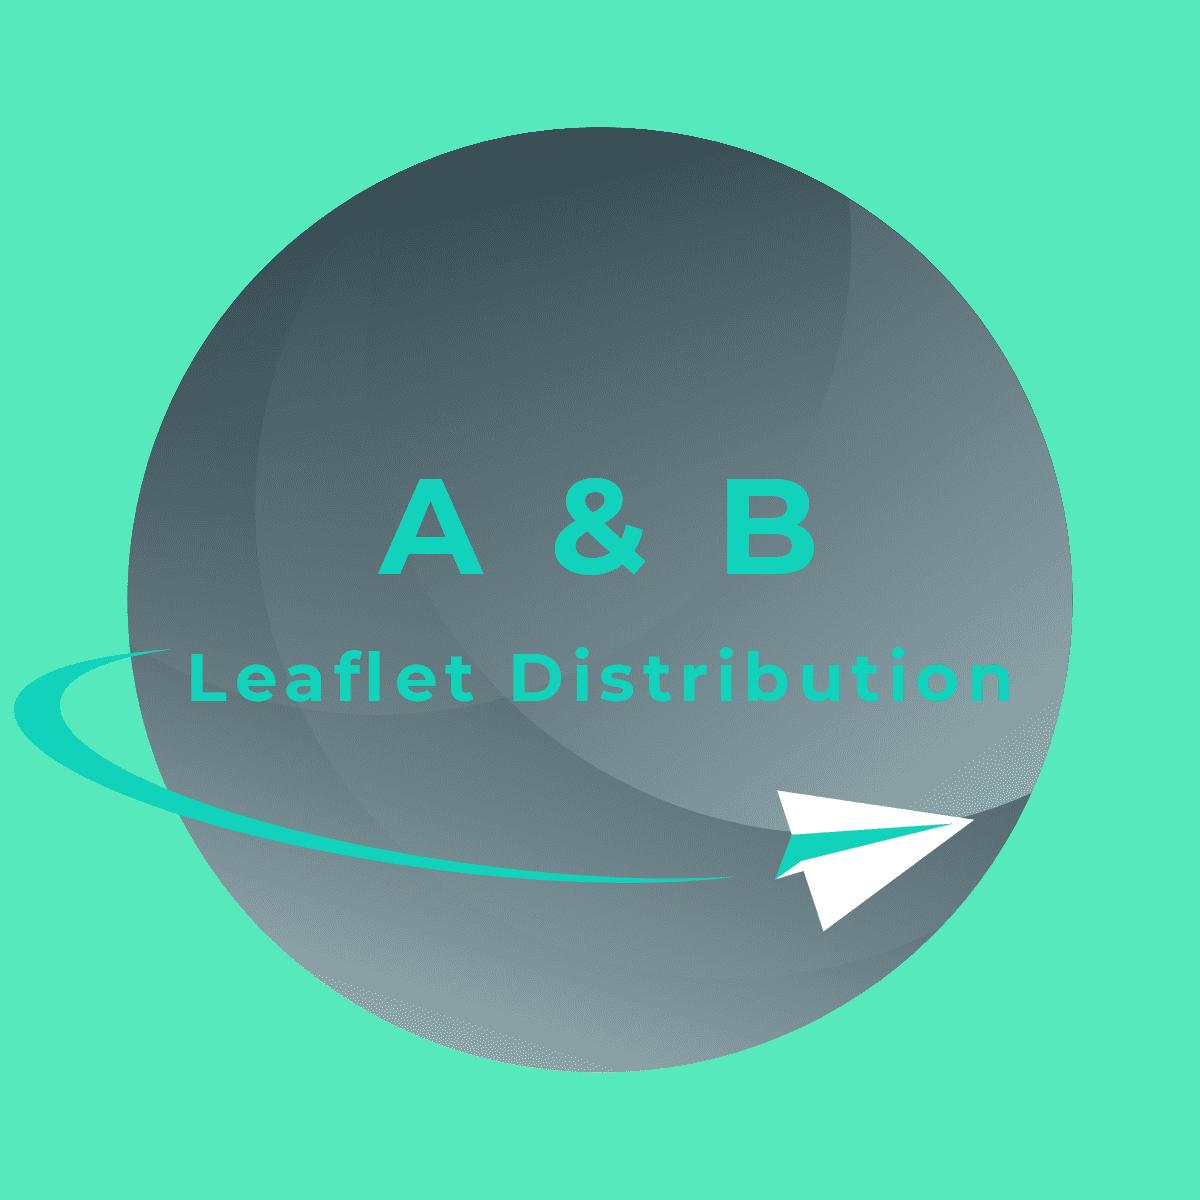 A & B Leaflet Distribution